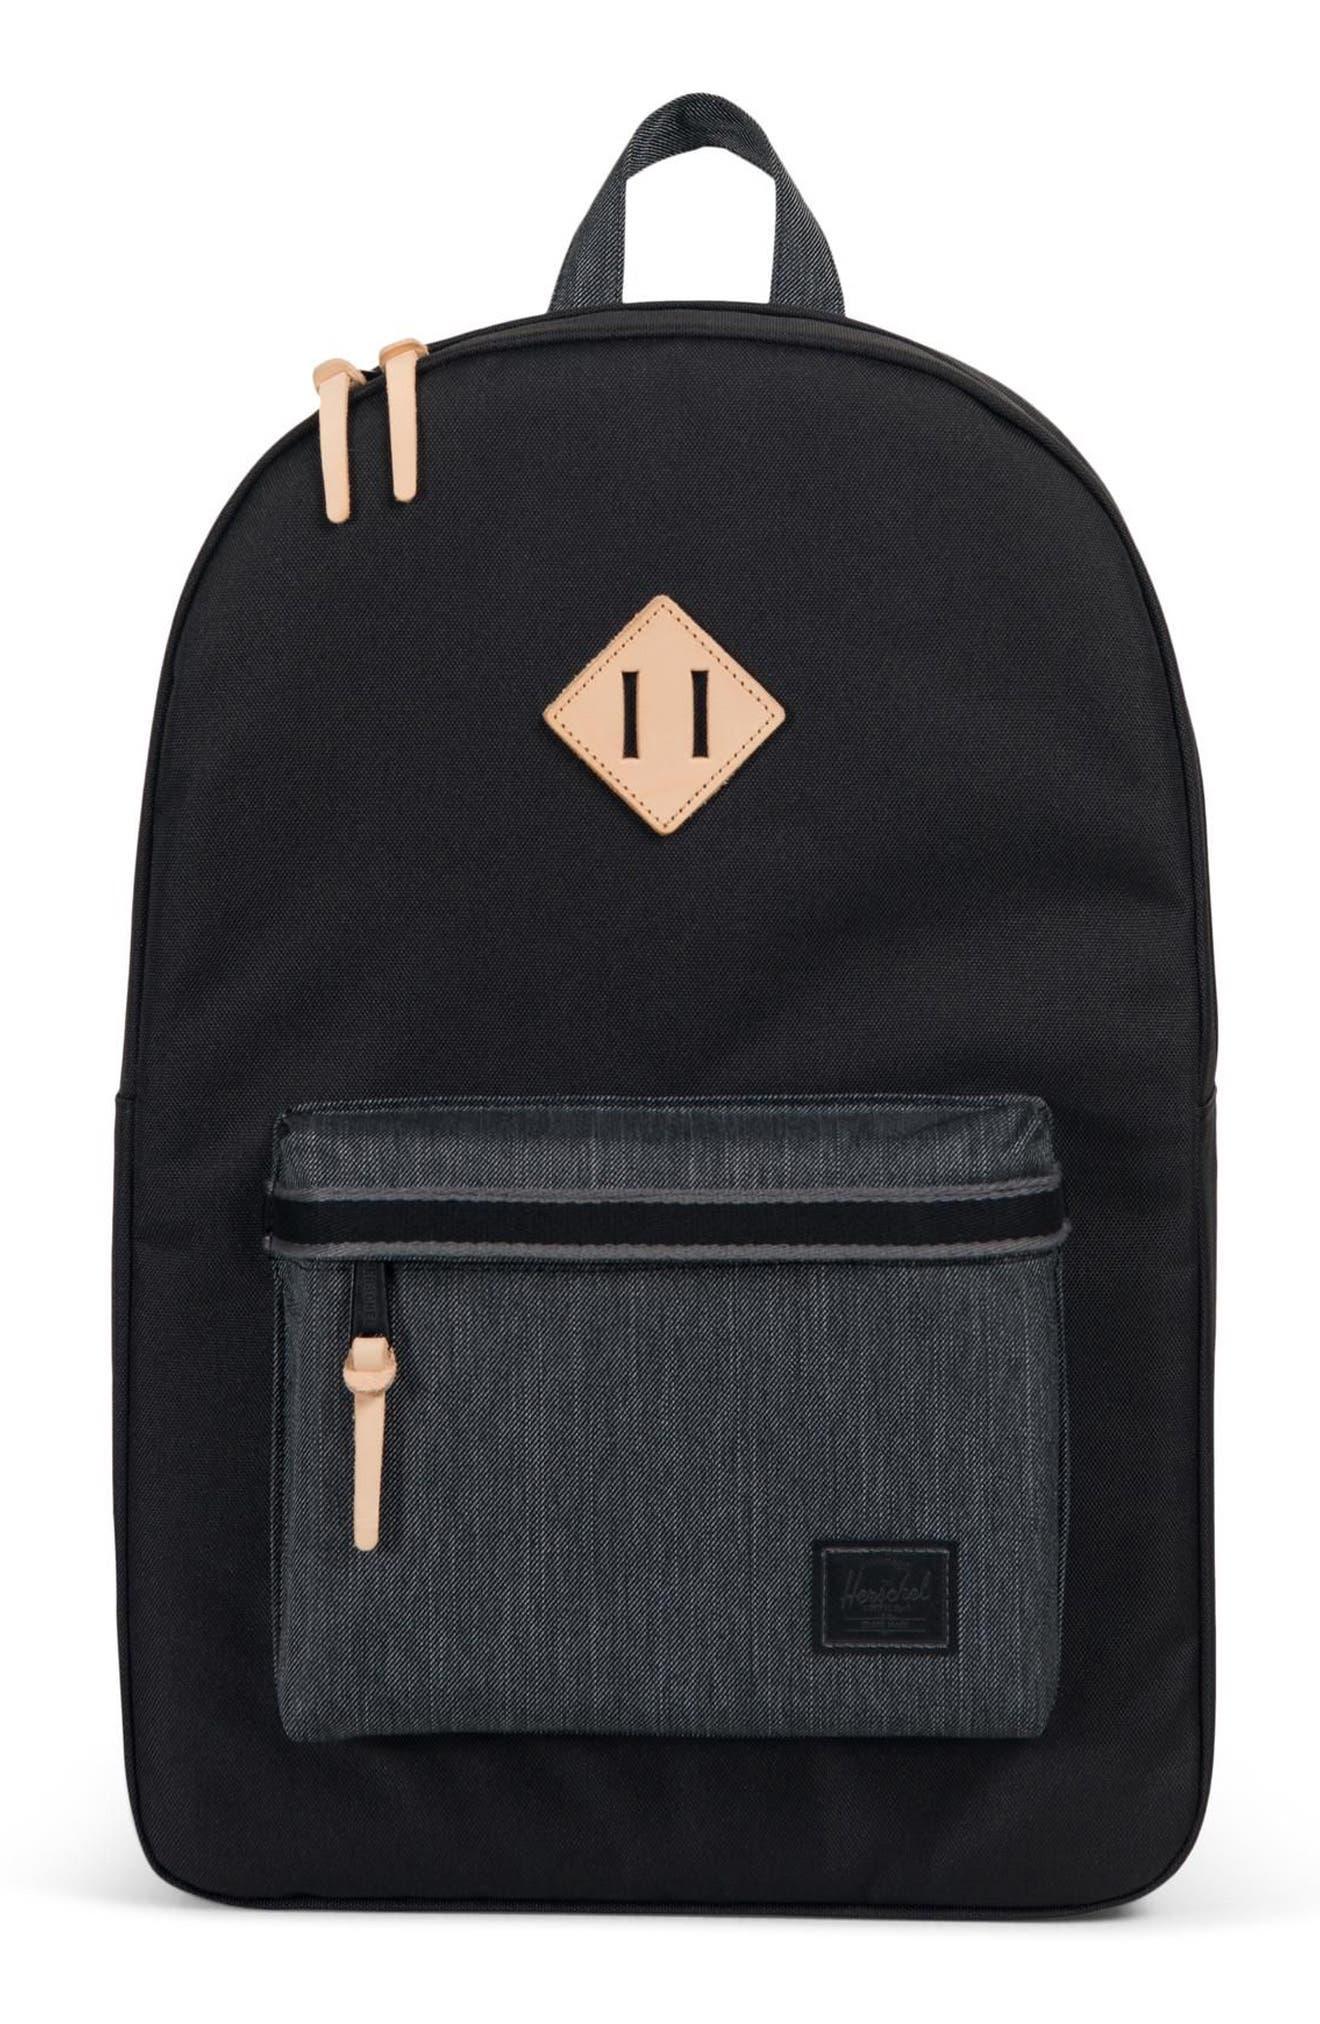 Heritage Offset Denim Backpack,                             Main thumbnail 1, color,                             BLACK/ BLACK DENIM